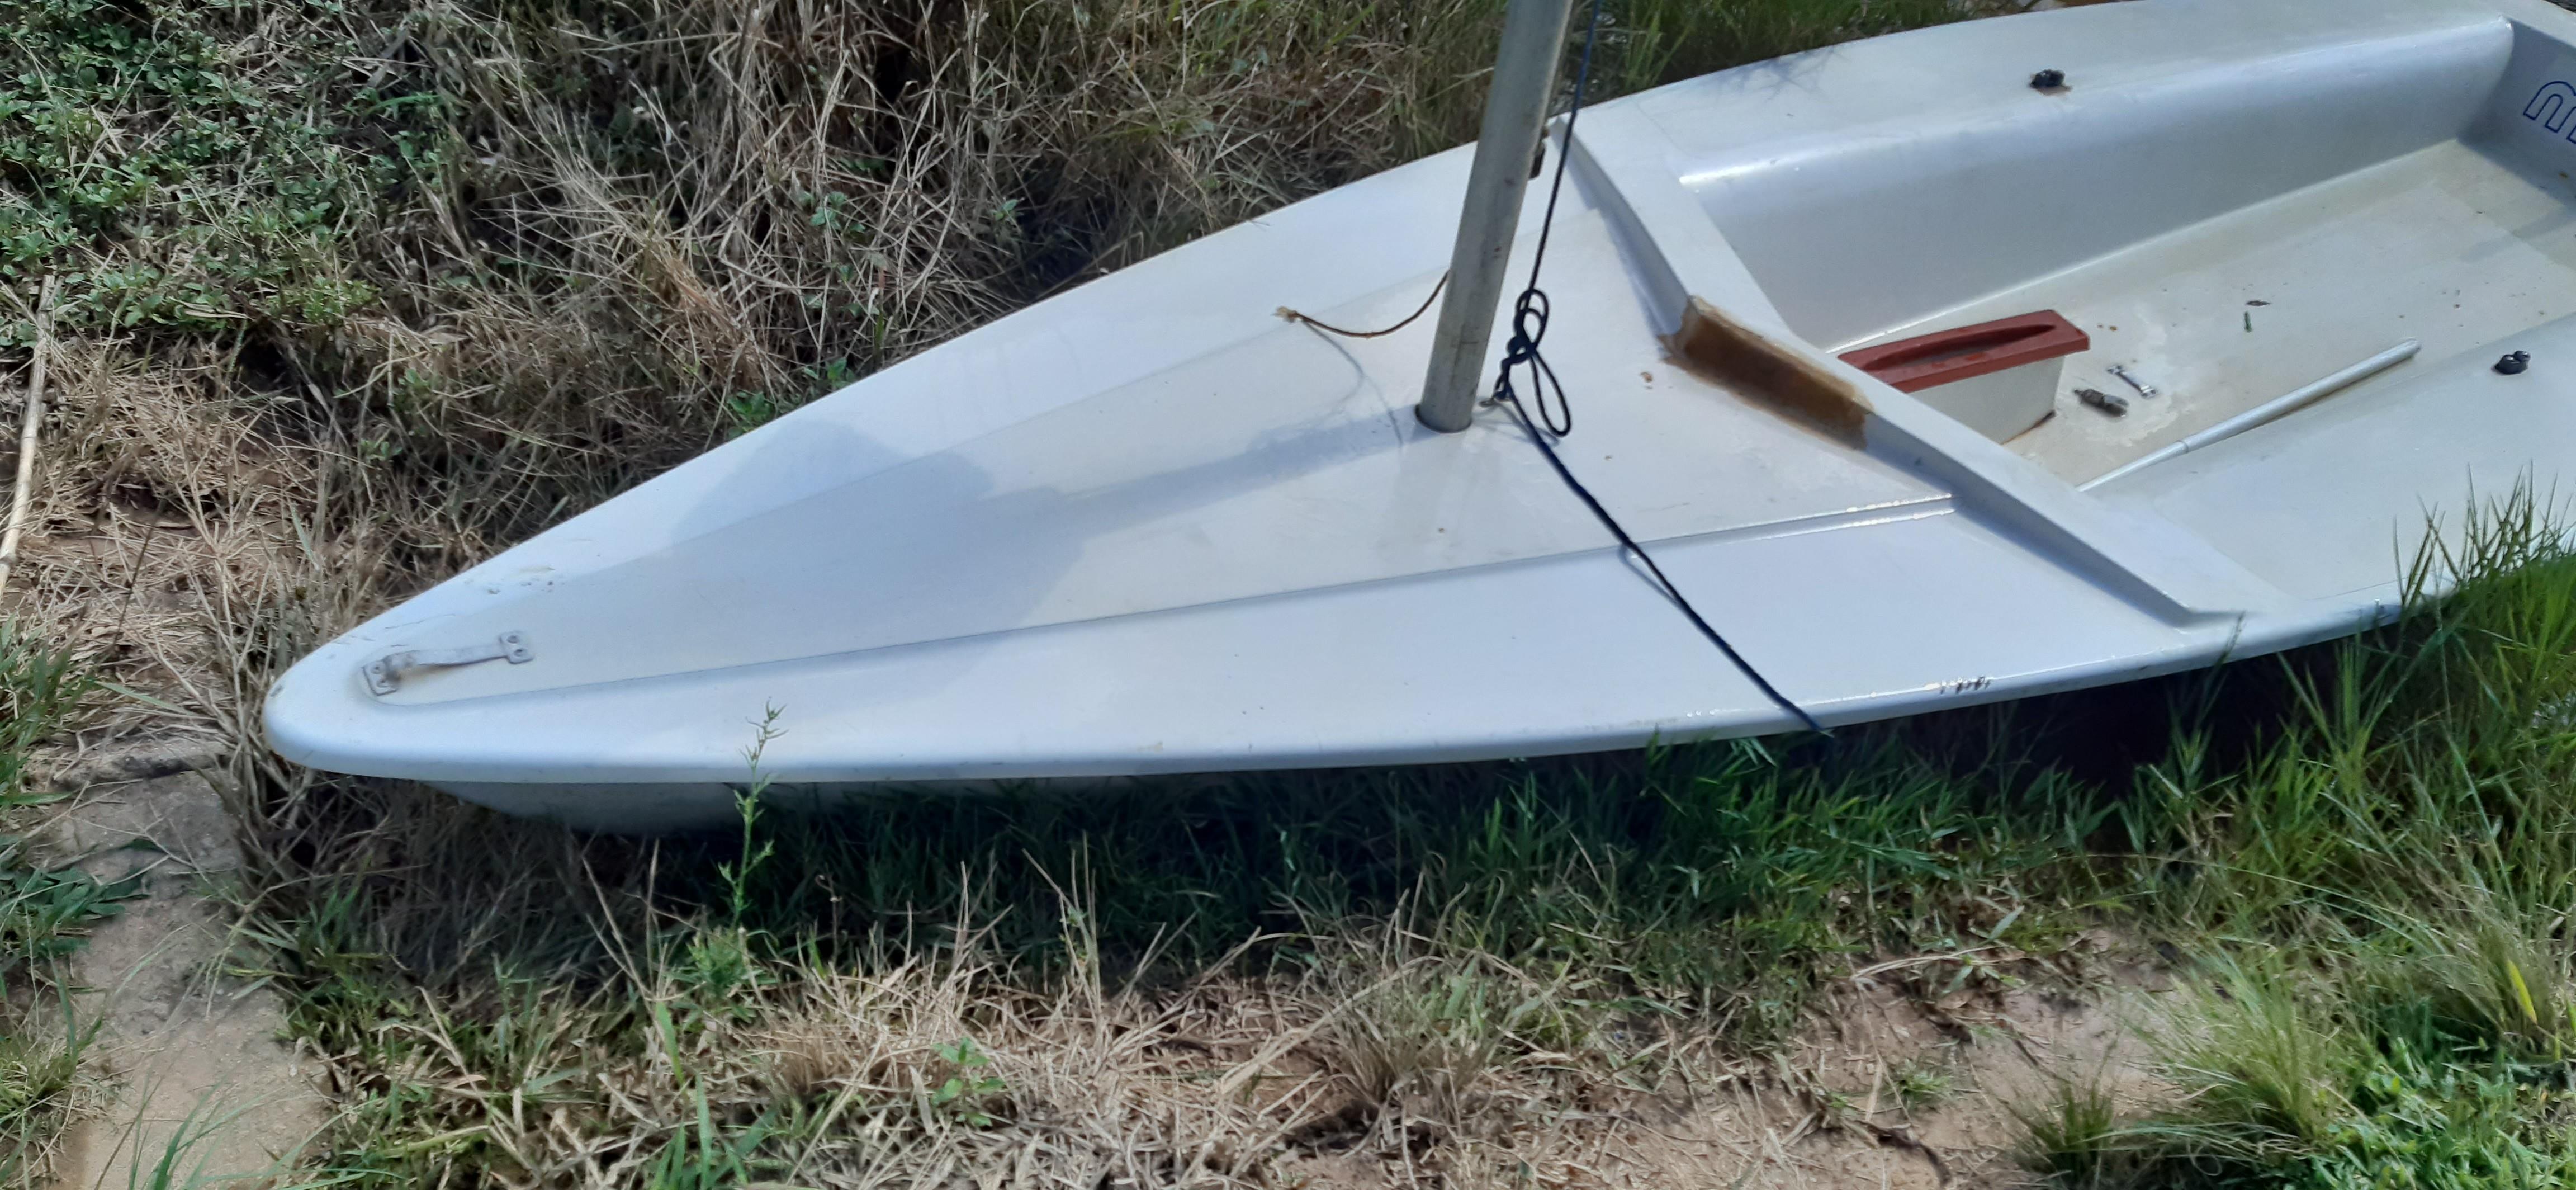 Vendo ou troco por barco de alumínio veleiro mistral 4 metros